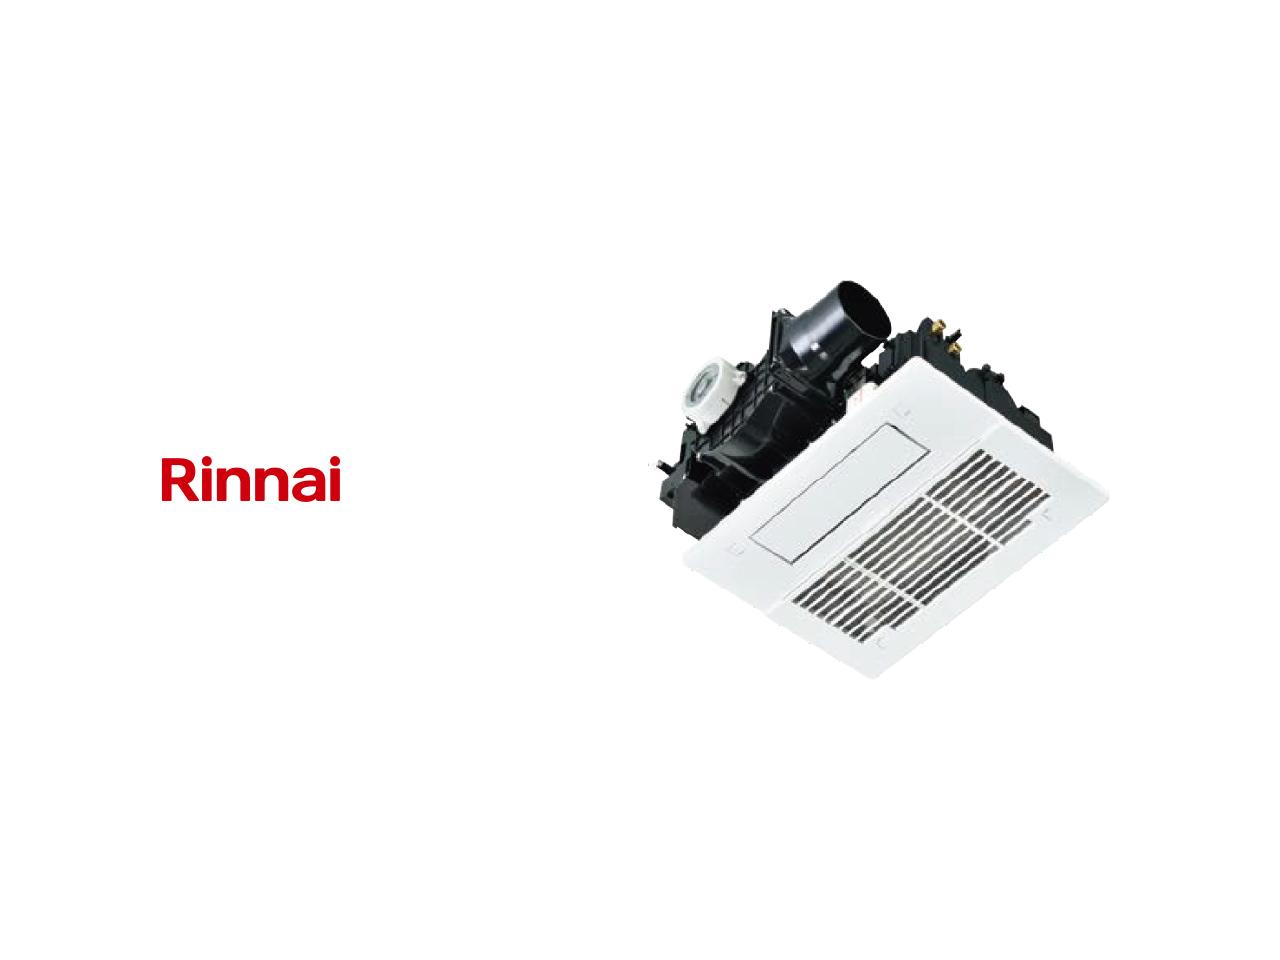 画像:Rinnai 温水式浴室暖房乾燥機